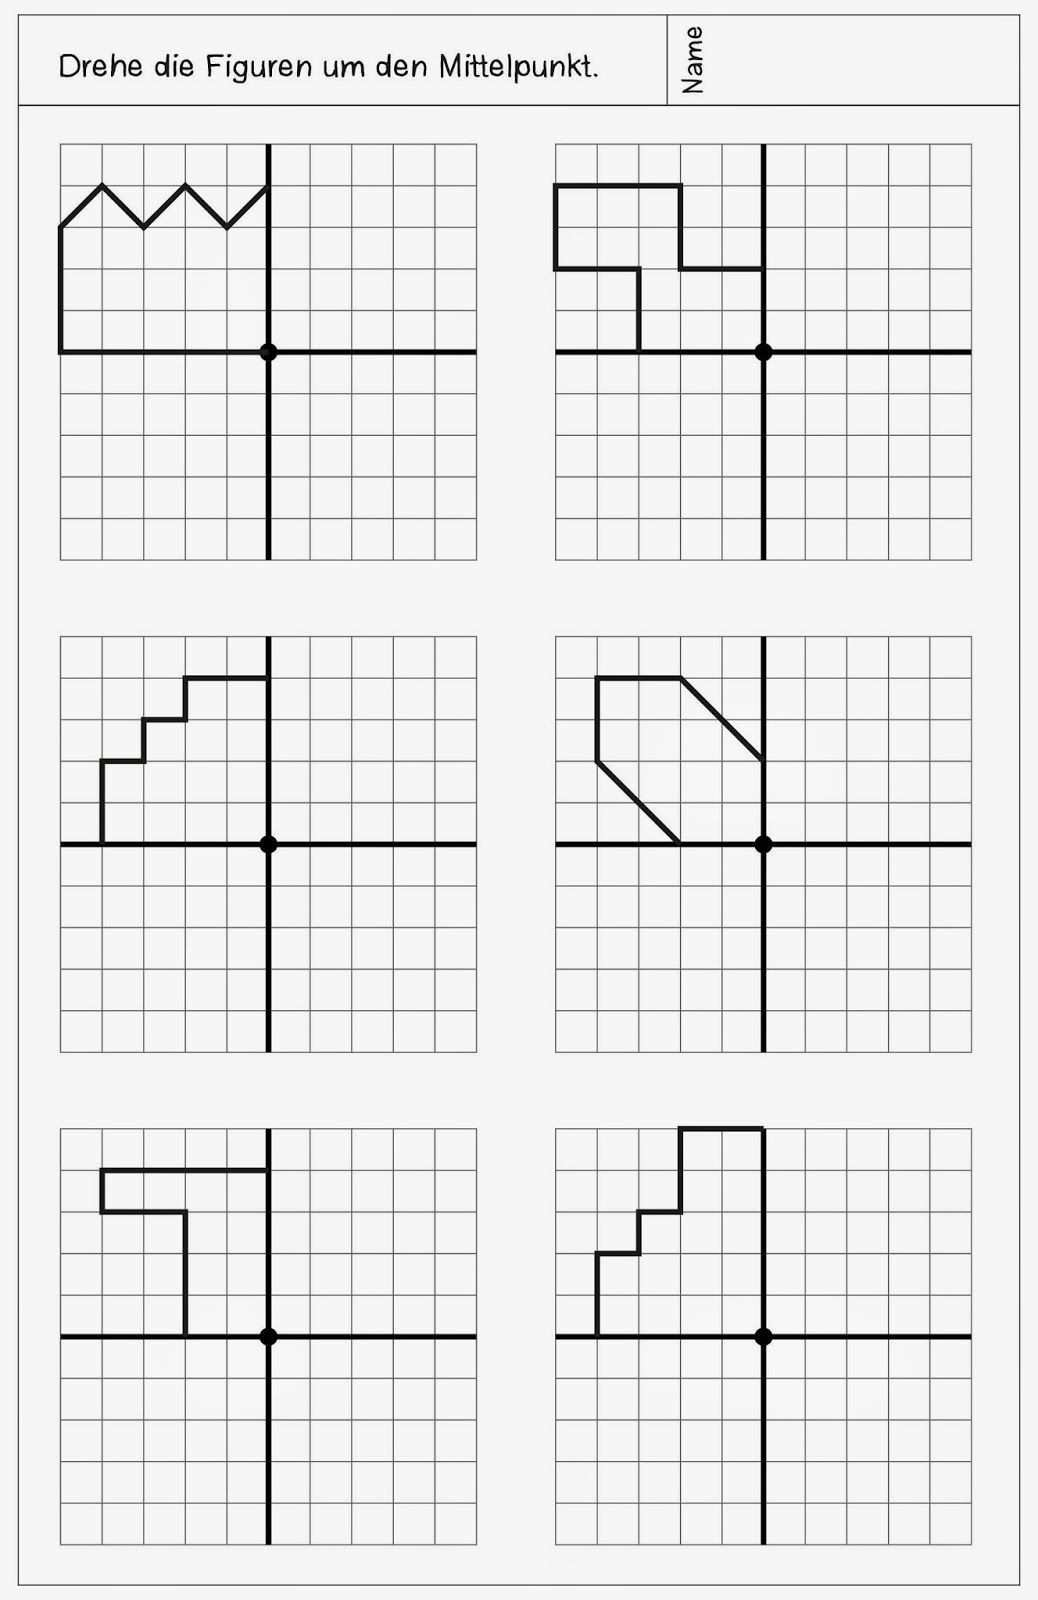 Neue Arbeitsblatter Zur Drehsymmetrie Arbeitsblatter Mathematische Muster Matheunterricht